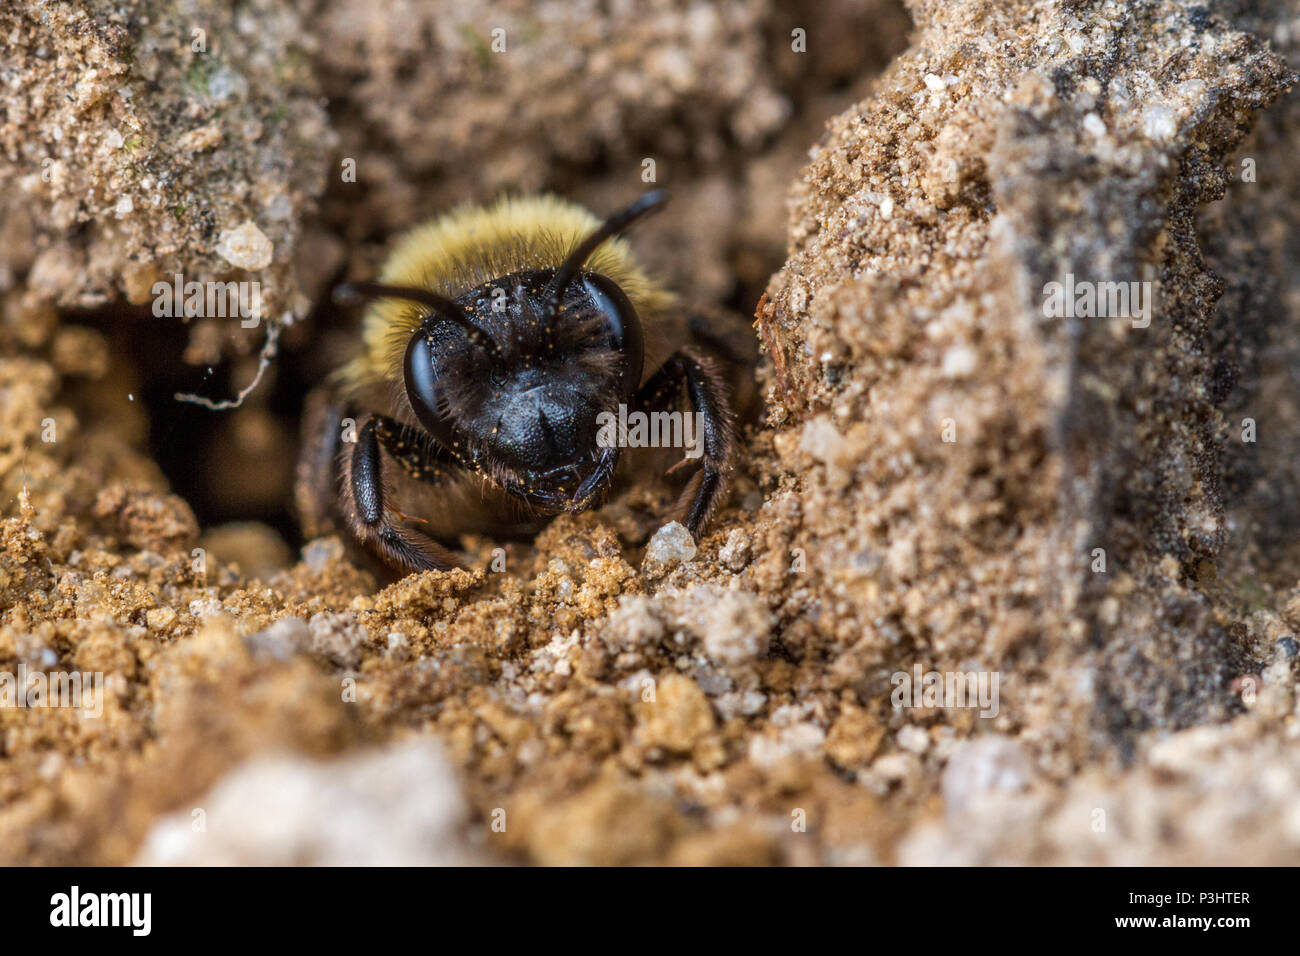 La vida silvestre en el REINO UNIDO: el chocolate de minería (abeja Andrena scotica) a la entrada de un túnel de arena nido Foto de stock